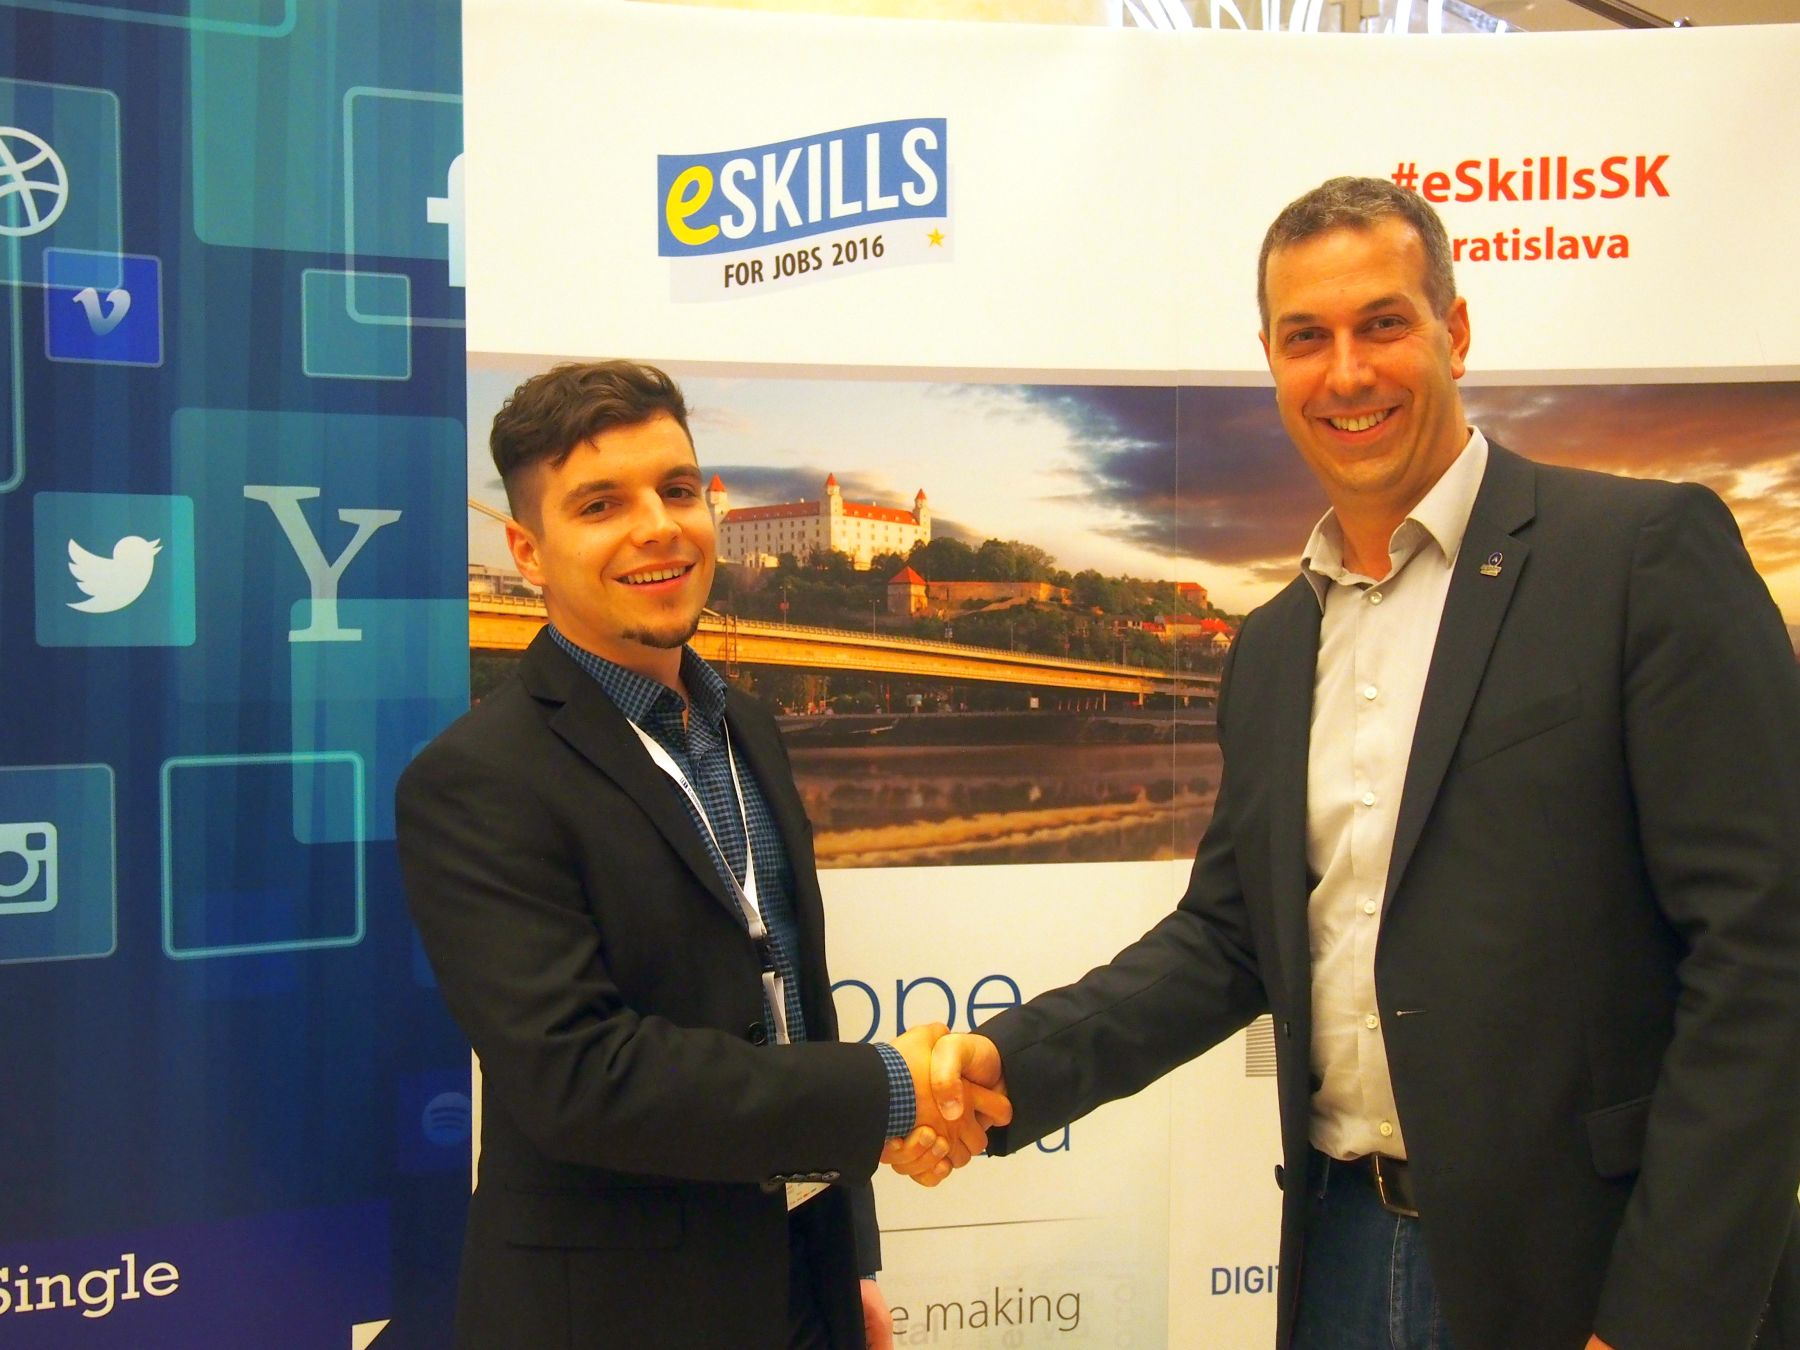 Mislav Sever i Hrvoje Balen, nacionalni koordinator inicijative eSkills for Jobs u Hrvatskoj